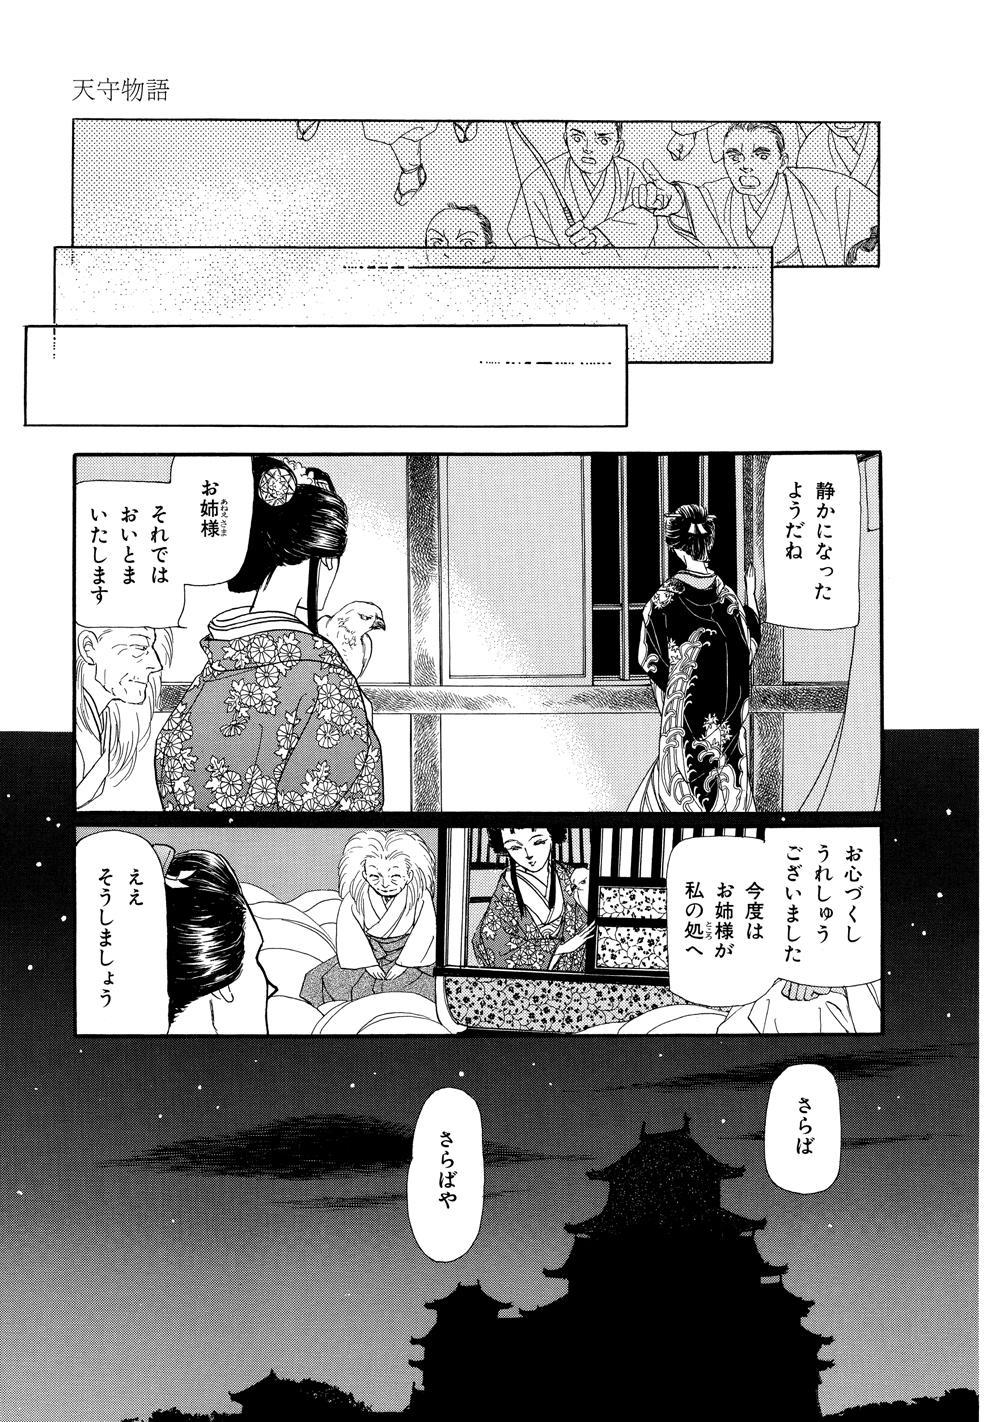 鏡花夢幻01_031.jpg